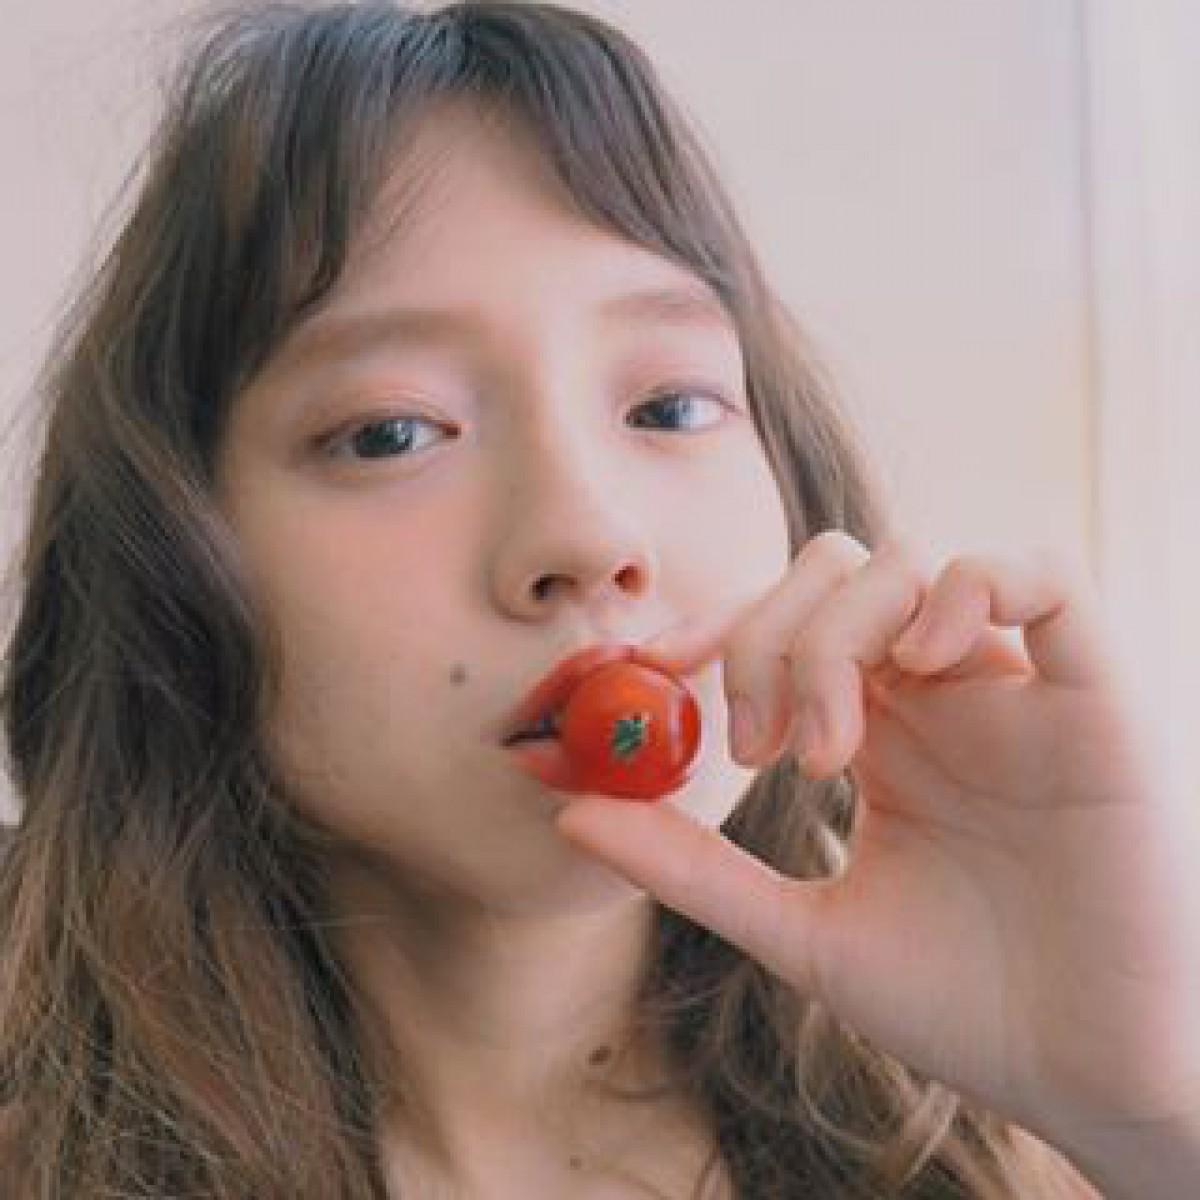 ぷちっ、ジュワッと甘酸っぱく。韓国発「チェリートマトメイク」で食べごろな私に